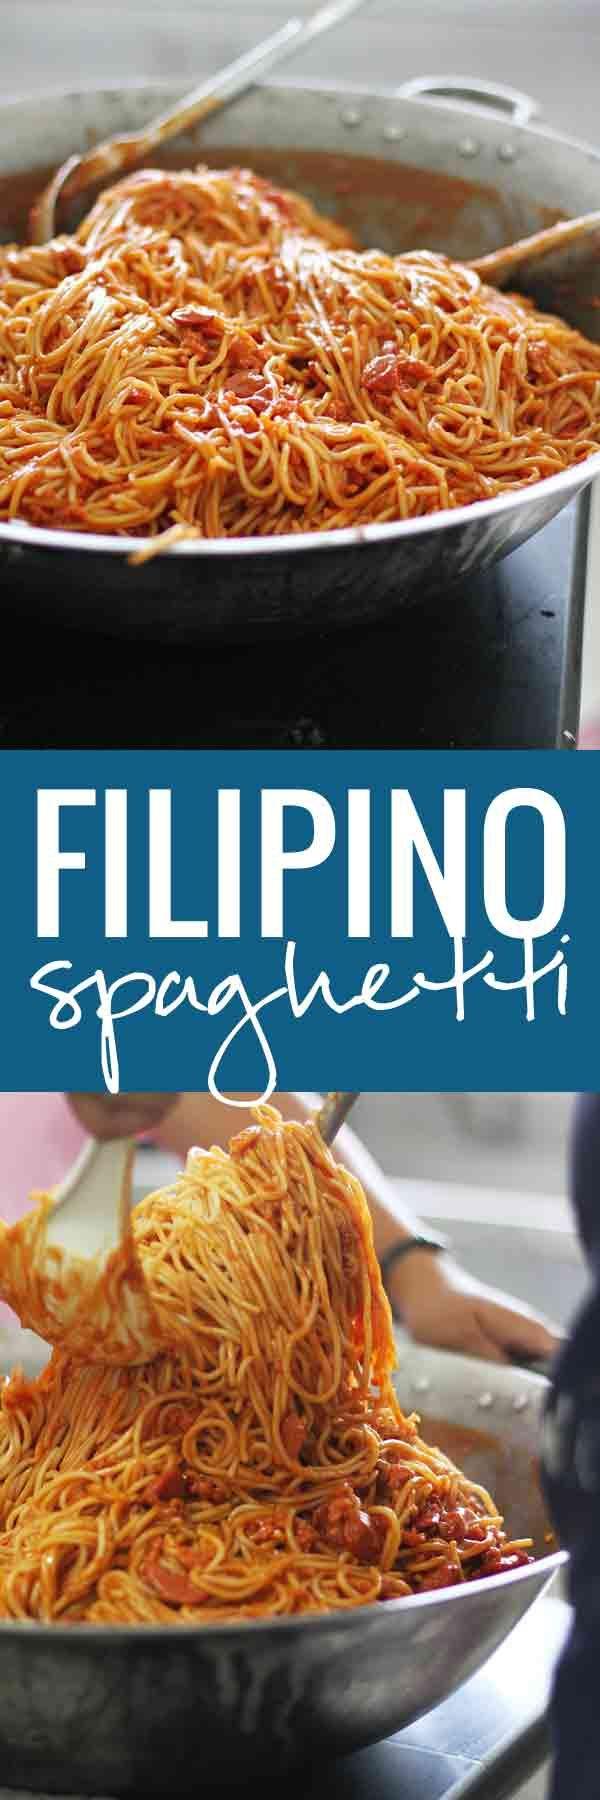 Authentic Filipino Spaghetti | pinchofyum.com